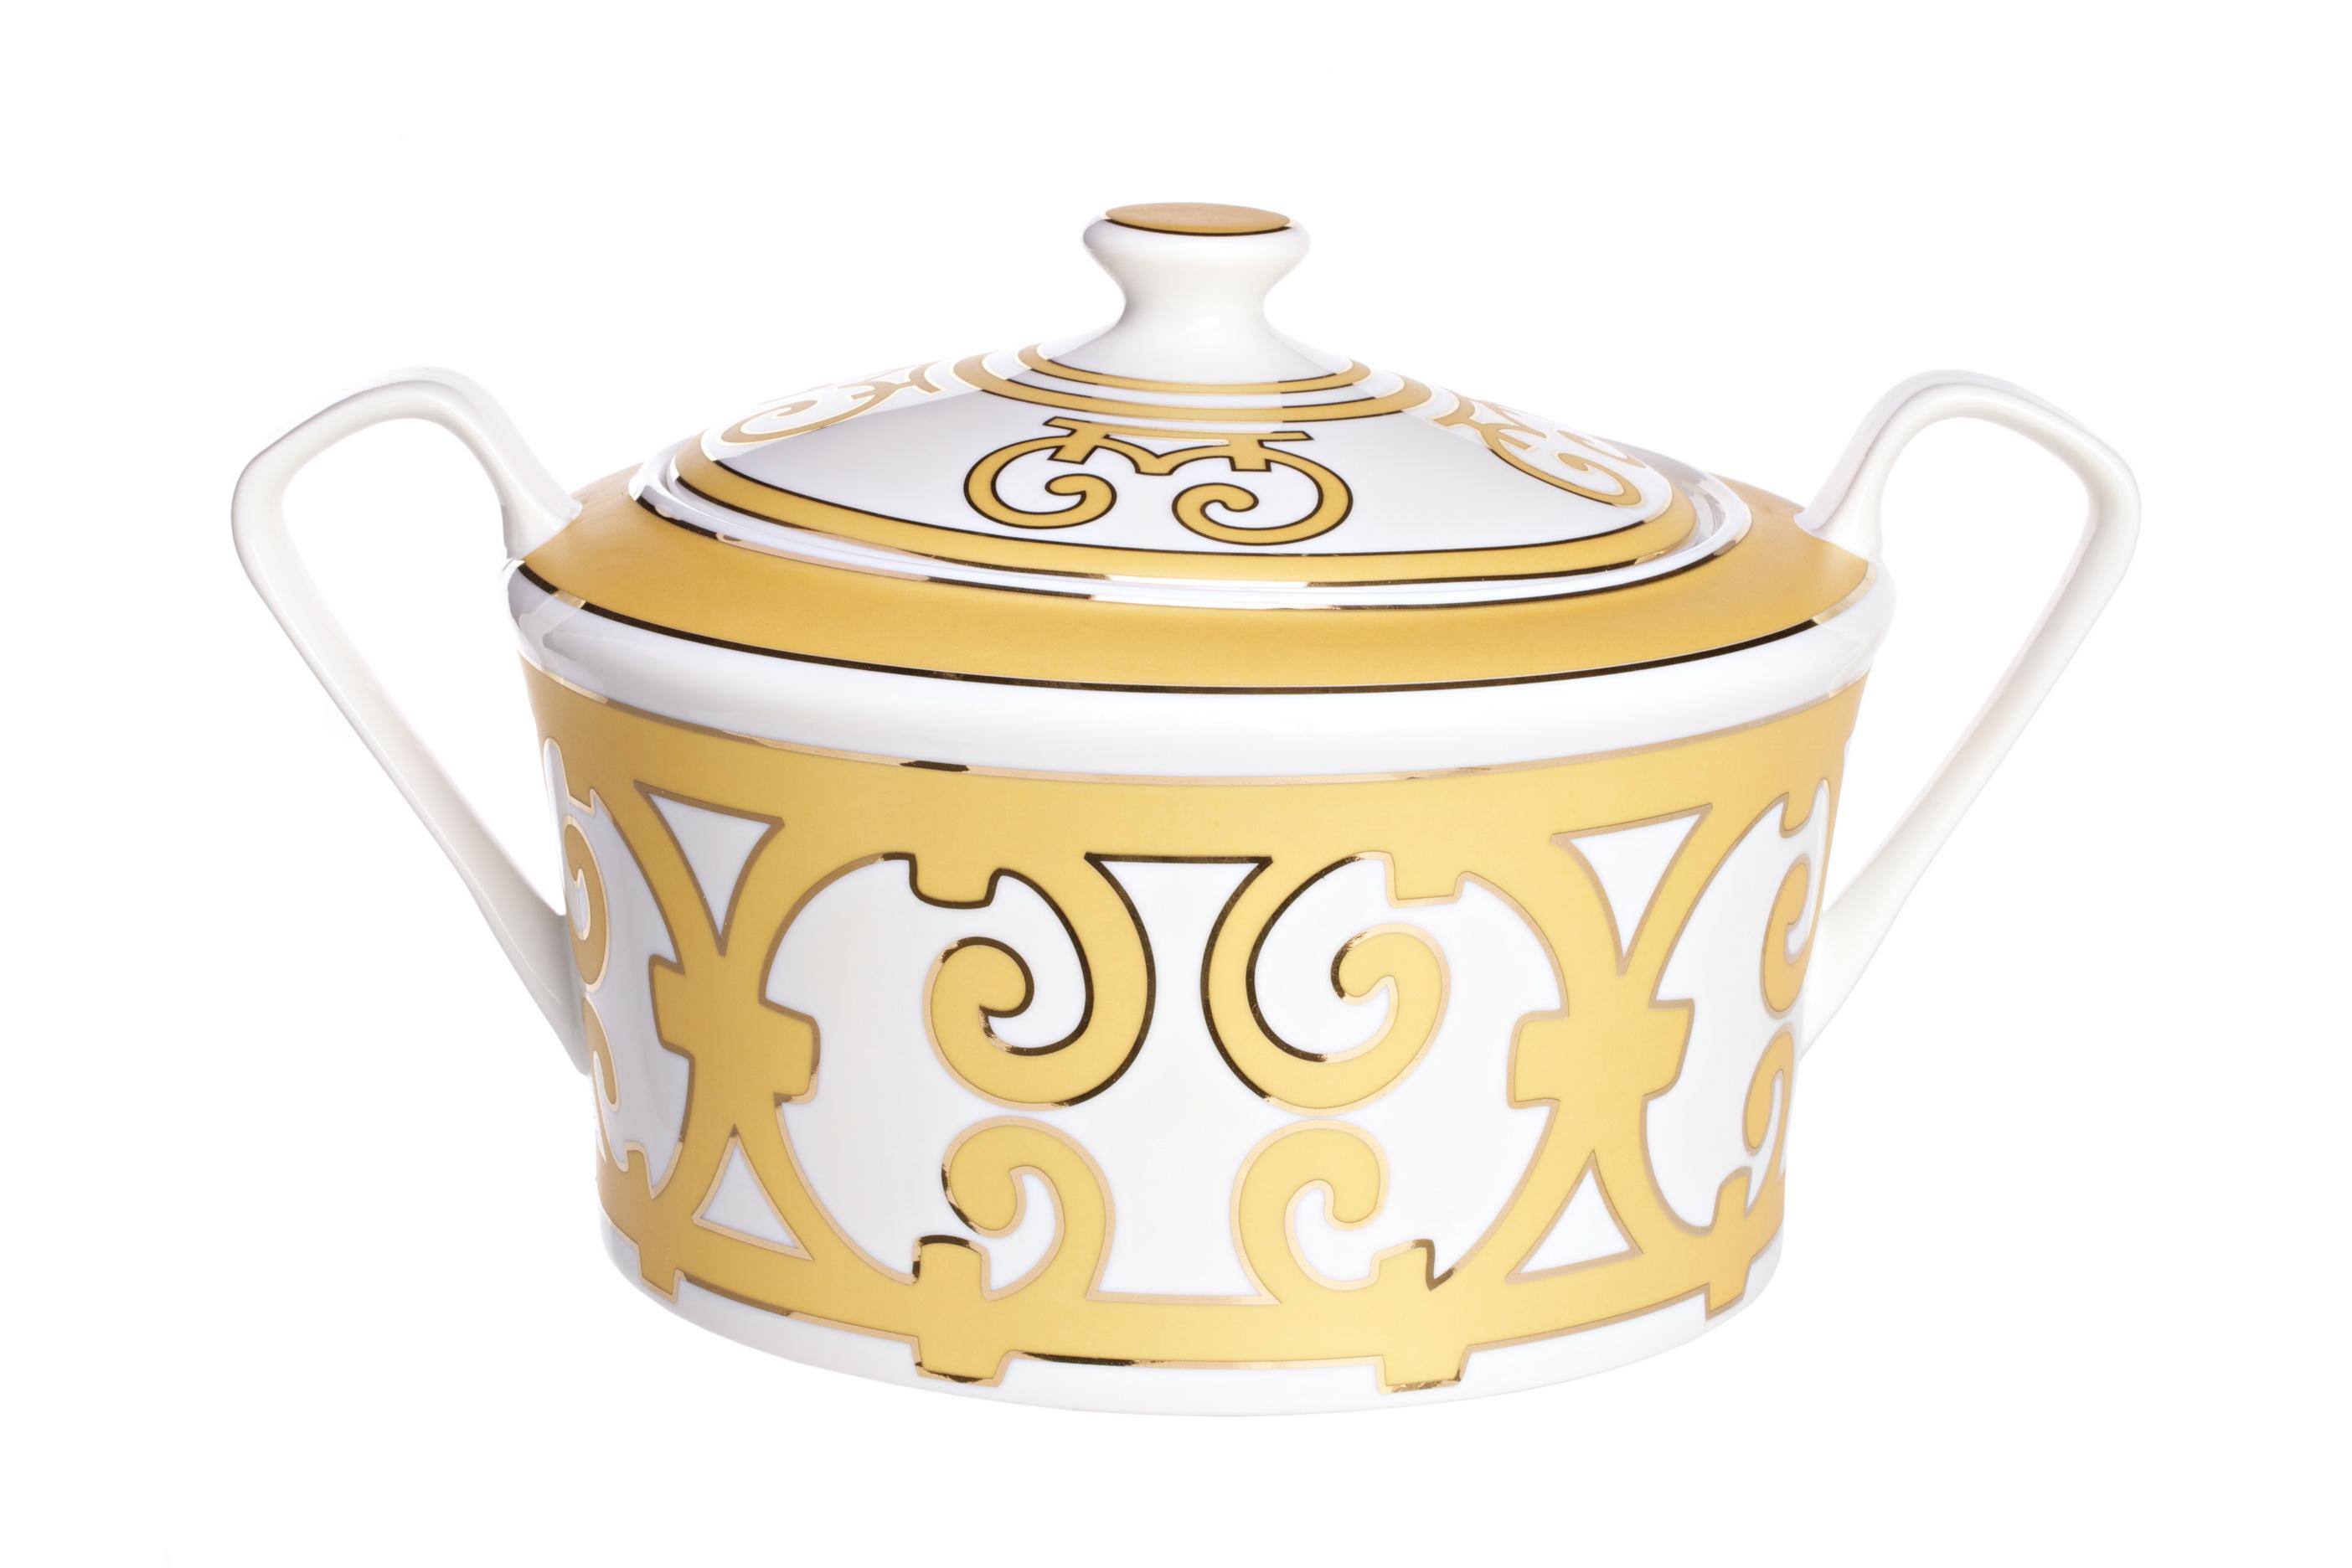 Супница MarbellaЕмкости для хранения<br>Считается, что супница как предмет сервировки появилась во Франции на рубеже 17-18 веков, и сразу стала признаком состоятельности и утонченного вкуса. С учетом того, что застолья в богатых домах в те времена длились долго, она упростила подачу первых блюд. Супы оставались теплыми в котлах на плите, а для подачи на стол их достаточно было налить в красивую супницу. Позже это стало хорошим тоном во всей Европе.<br>Великолепная супница из костяного фарфора серии «Marbella» имеет классическую форму и удобные ручки. Изделие декорировано эффектным золотистым орнаментом в стиле модерн (moderne). Вы можете приобрести ее отдельно, а также в составе сервиза.<br><br>Material: Фарфор<br>Ширина см: 22<br>Высота см: 21<br>Глубина см: 21